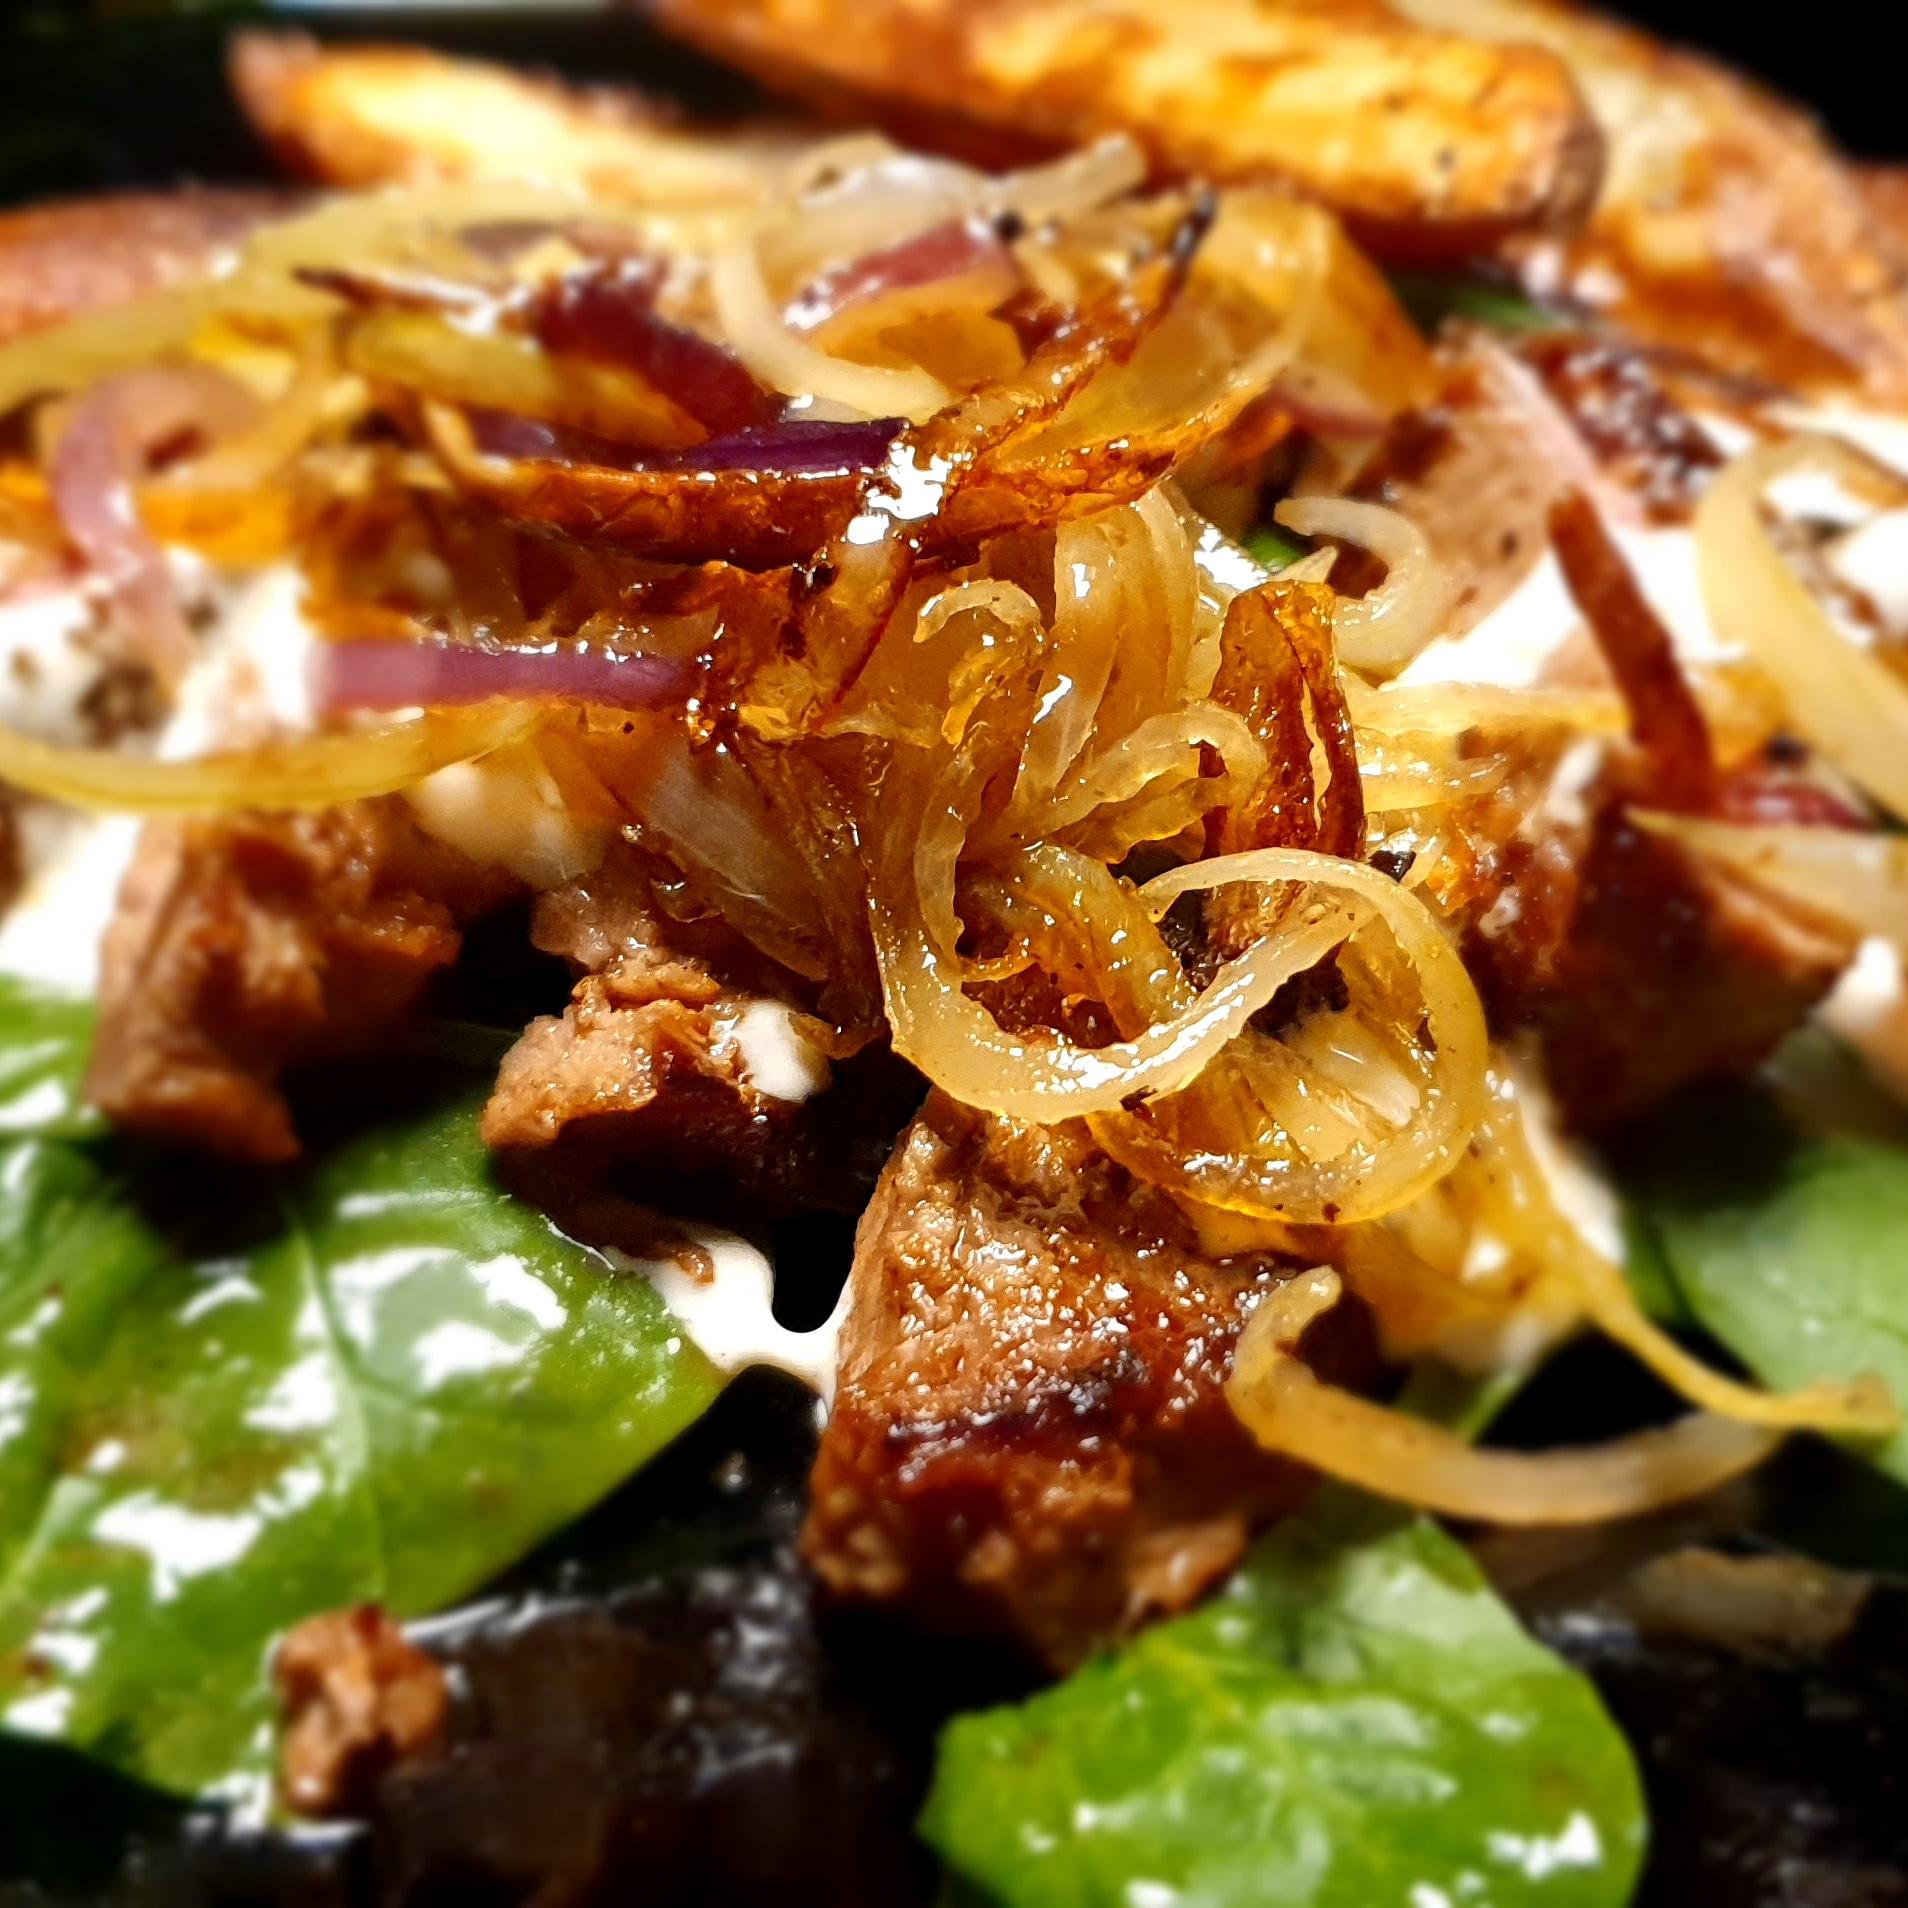 Ryggbiff med senaps- och dragonsås